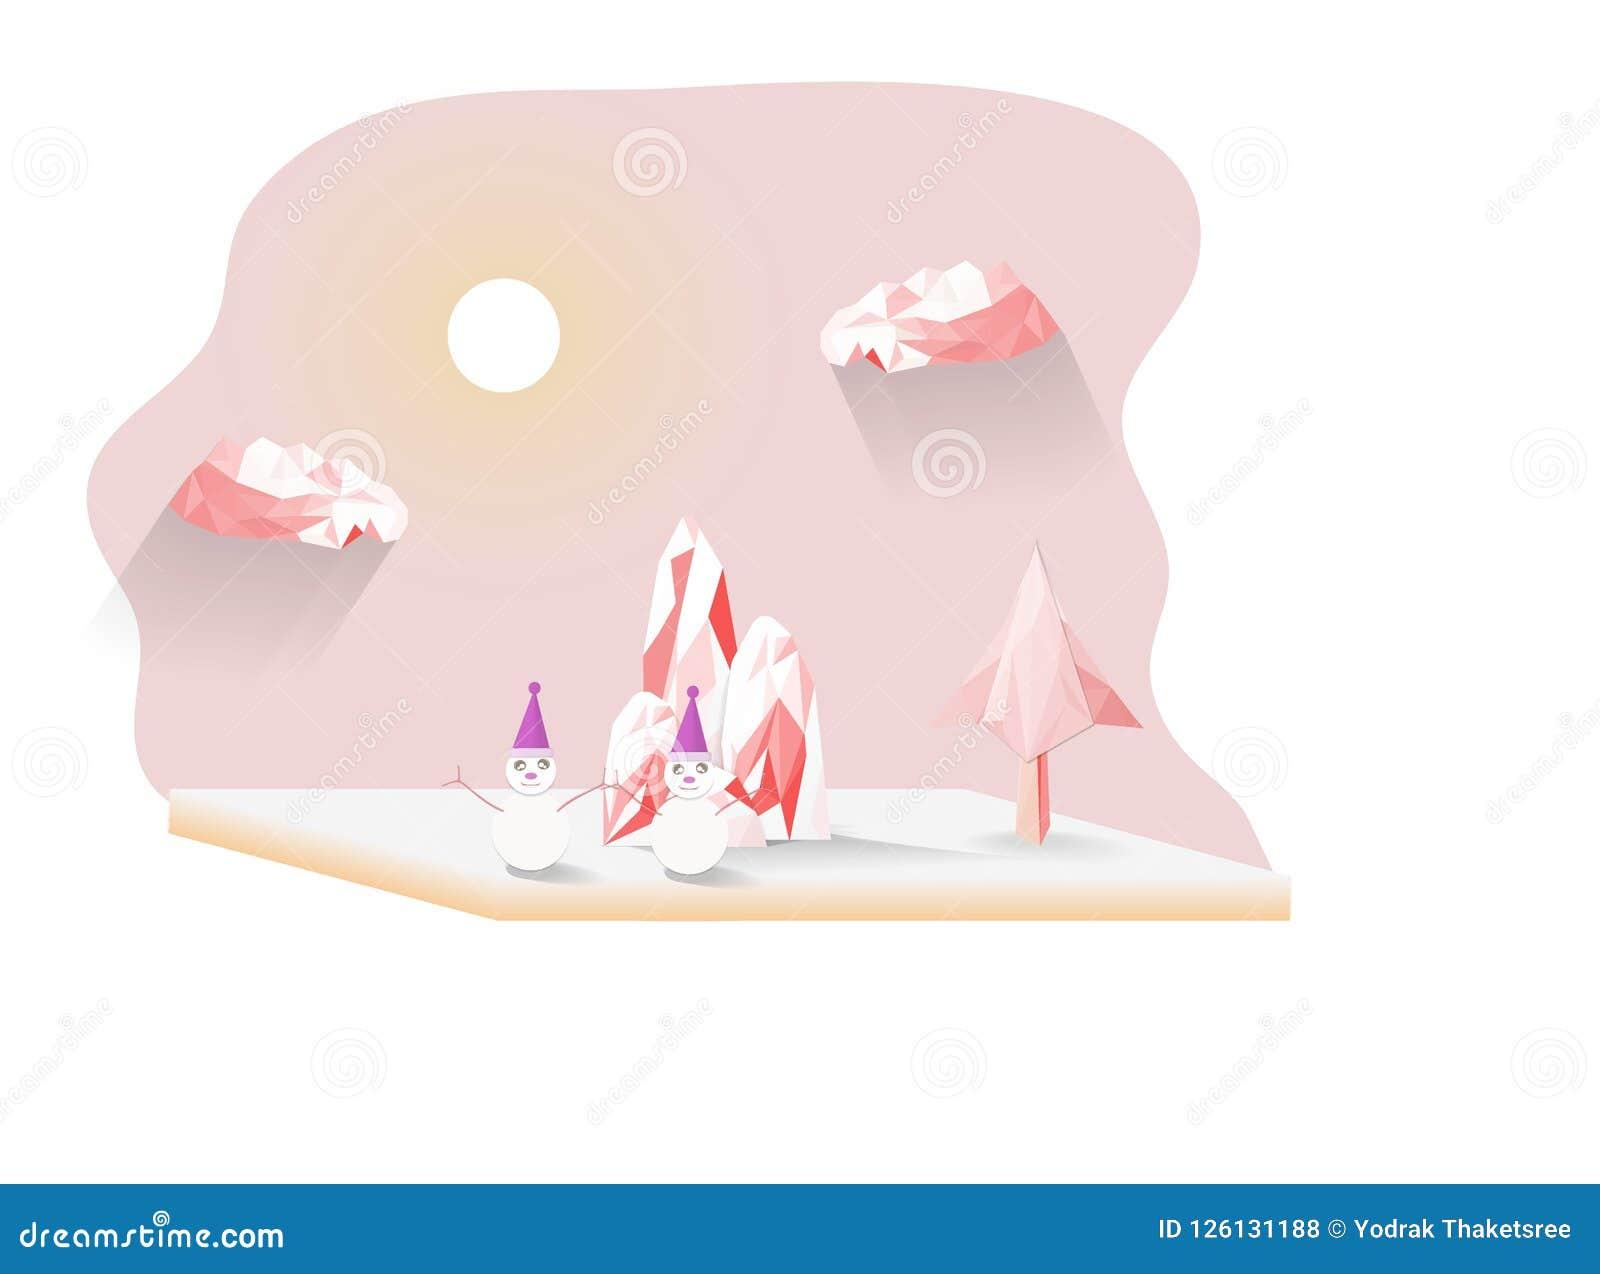 Снежинки и полигон горы розовый